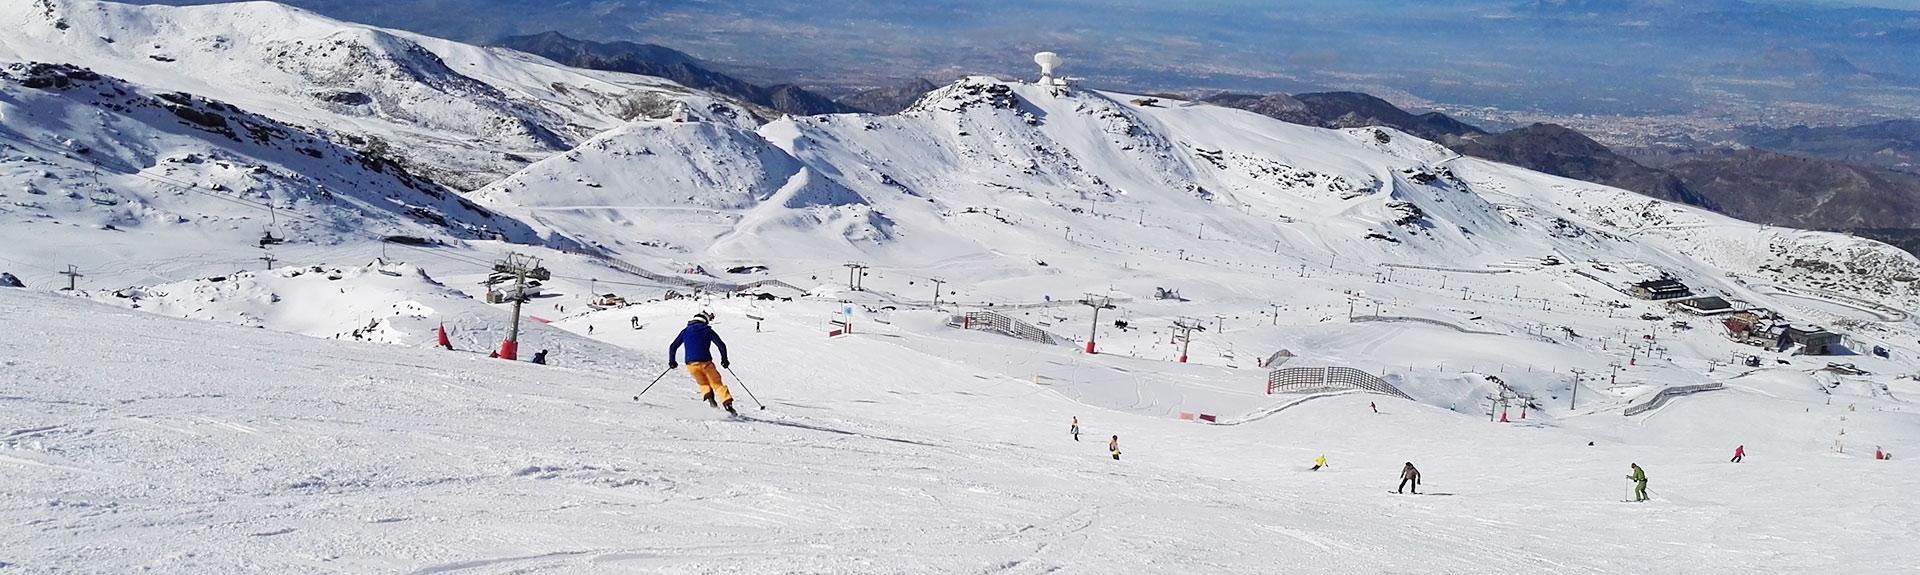 Sierra Nevada (Fuente: http://sierranevada.es/)